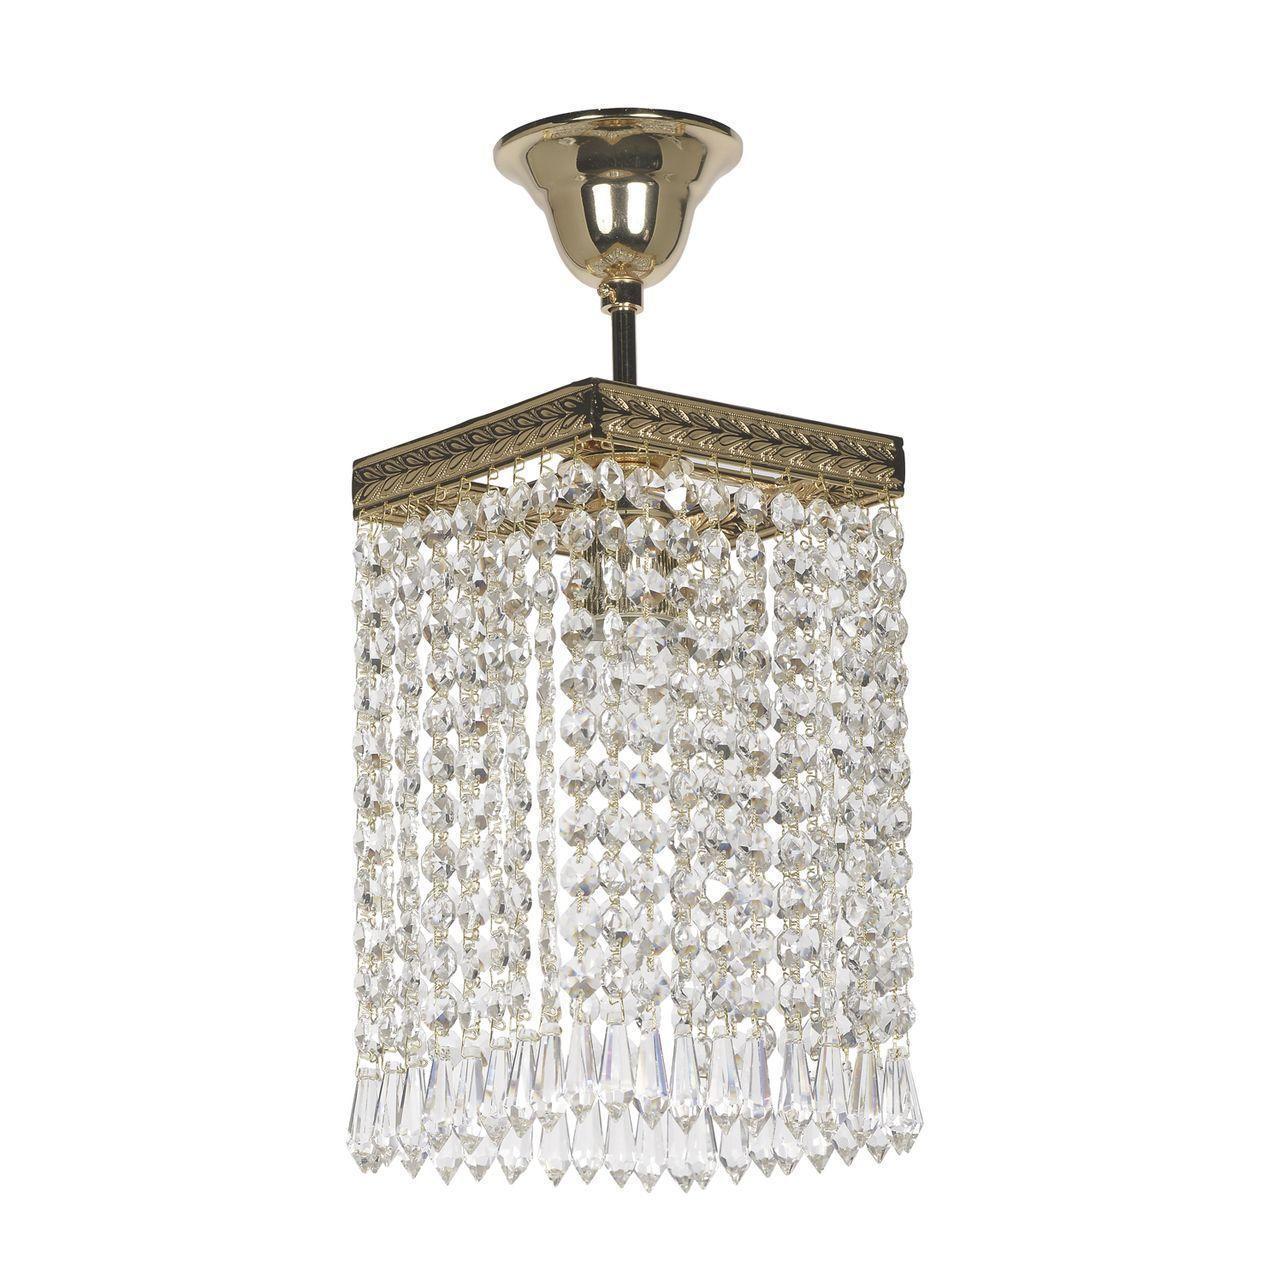 Купить со скидкой Потолочный светильник Elite Cremono золотого цвета